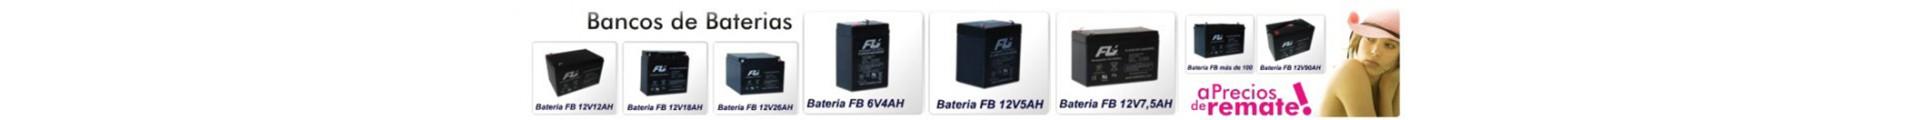 Las baterías de alta gama FULIBATTERY son de excelente calidad, fiabilidad, eficiencia y duración al mejor precio